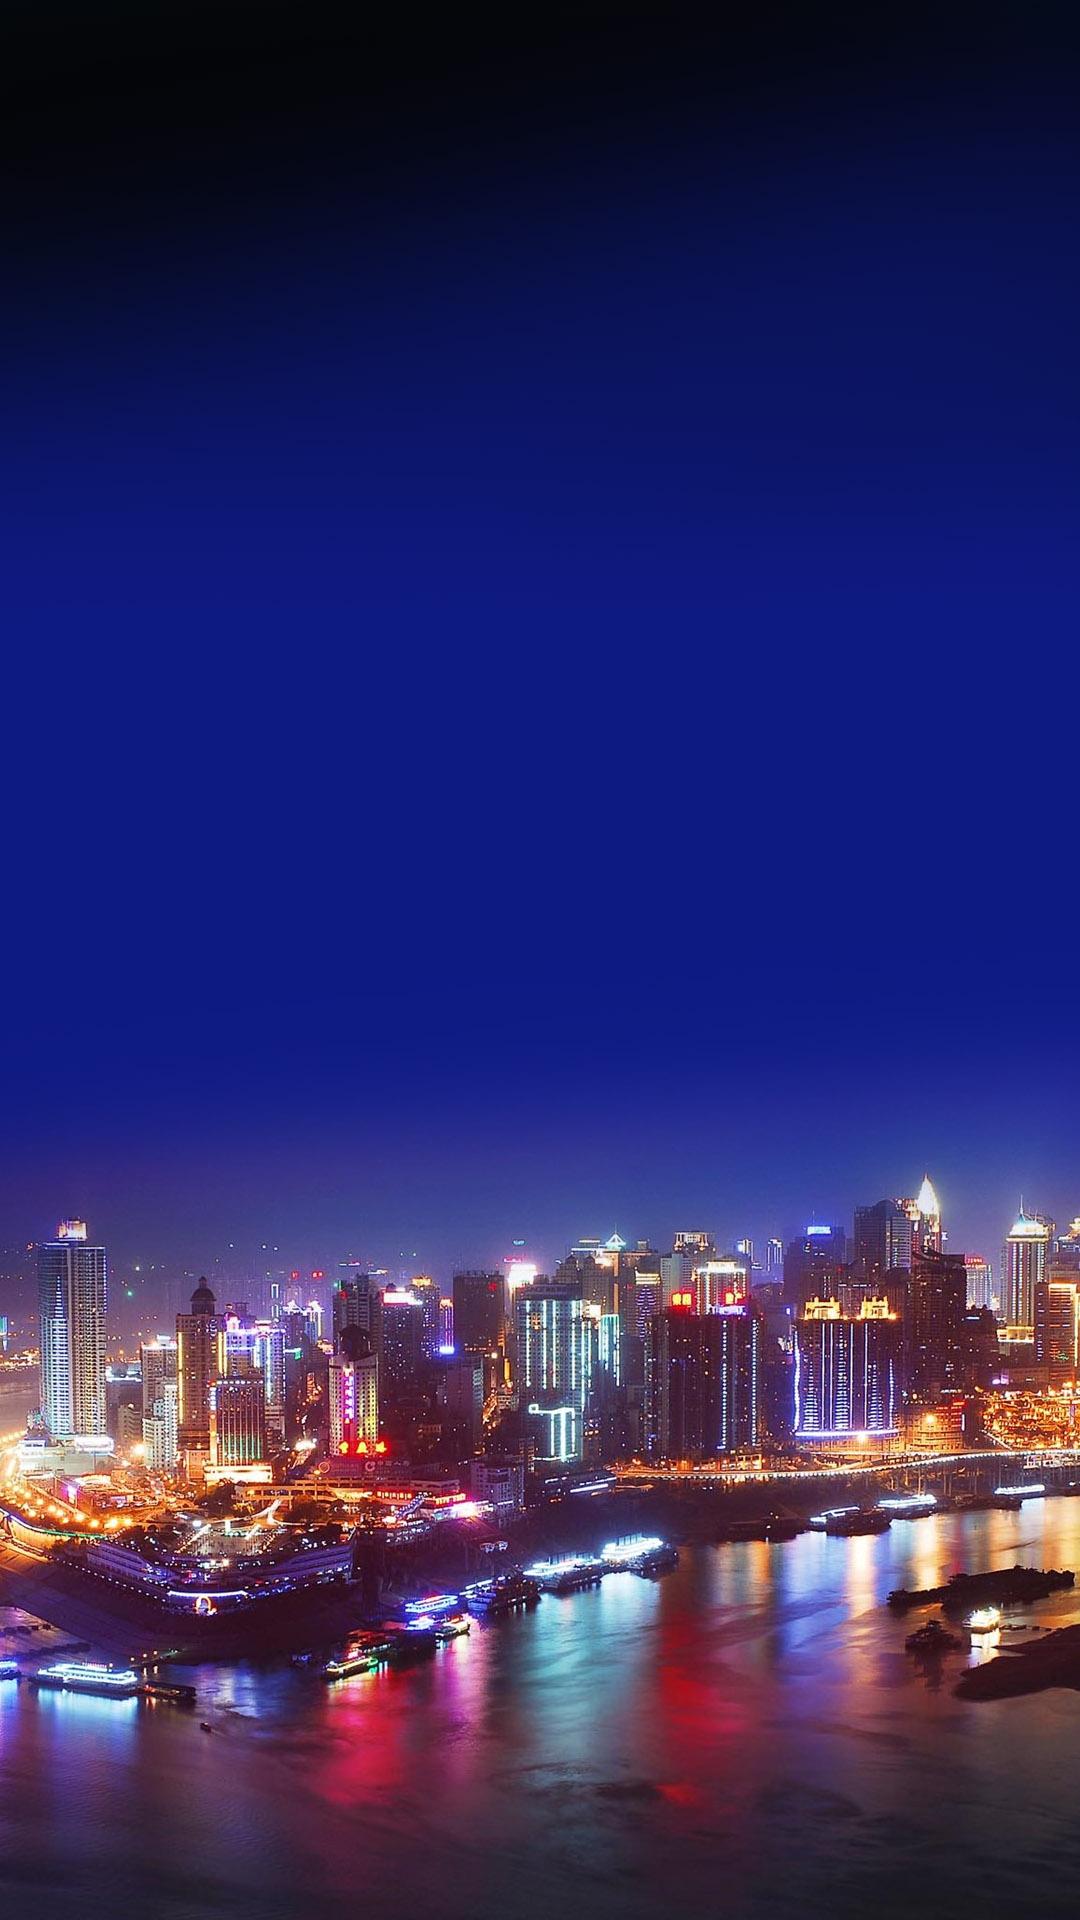 向往-重庆之夜